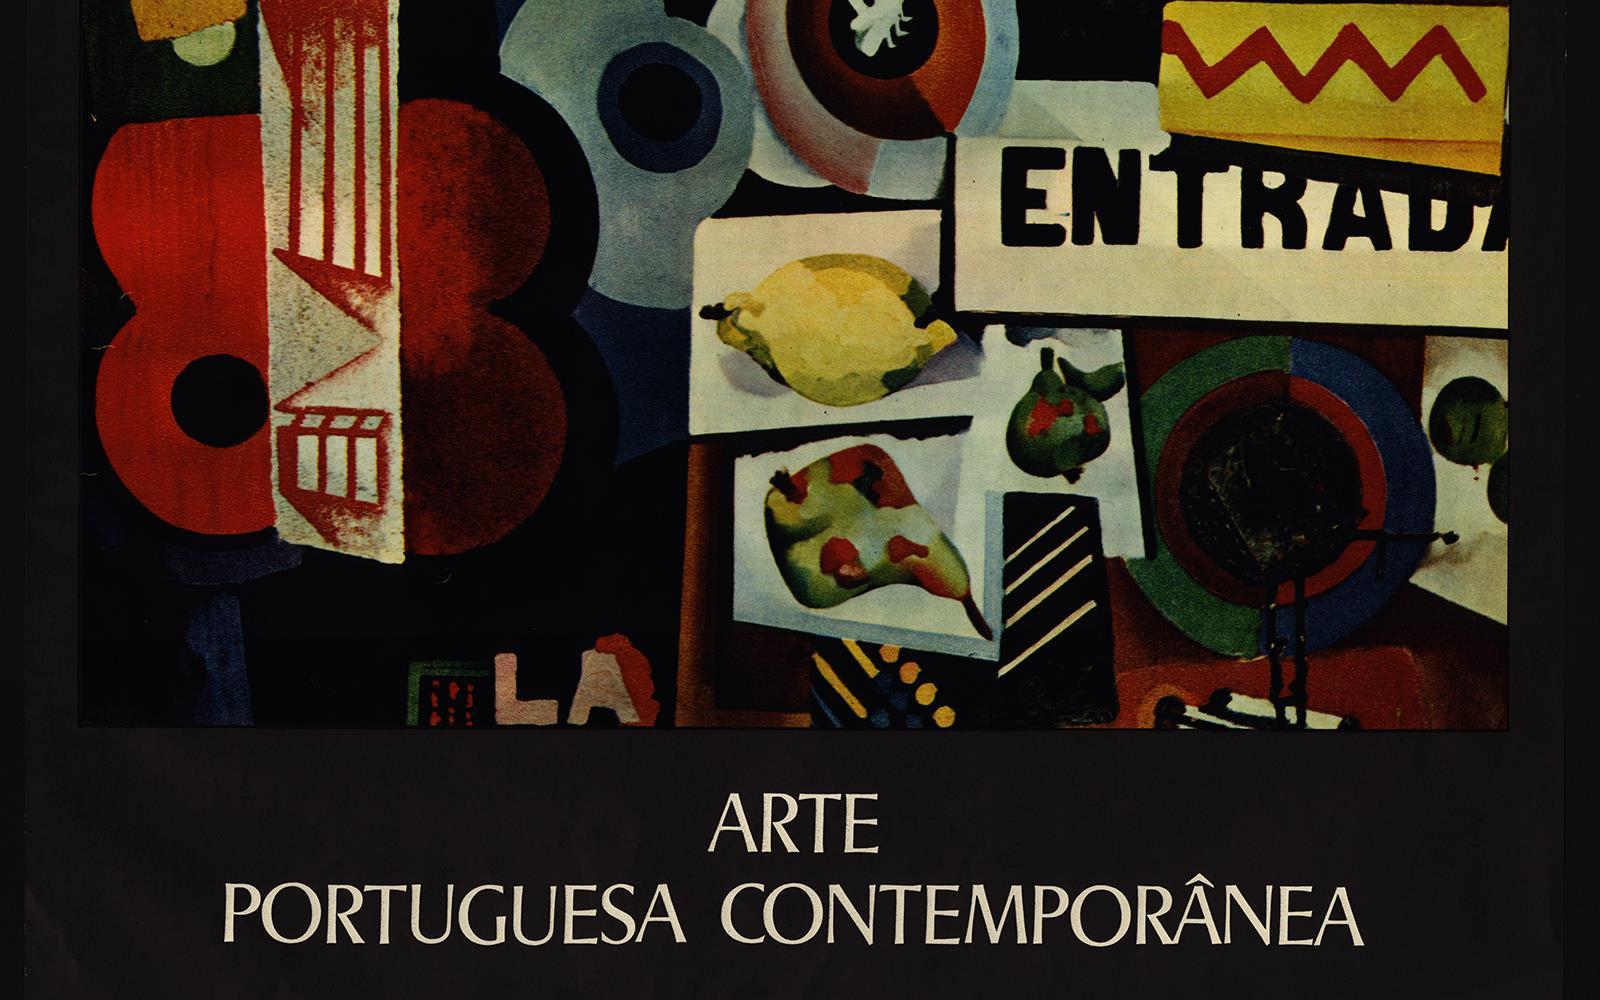 Arte Portuguesa Contemporânea. Brasília. São Paulo. Rio de Janeiro